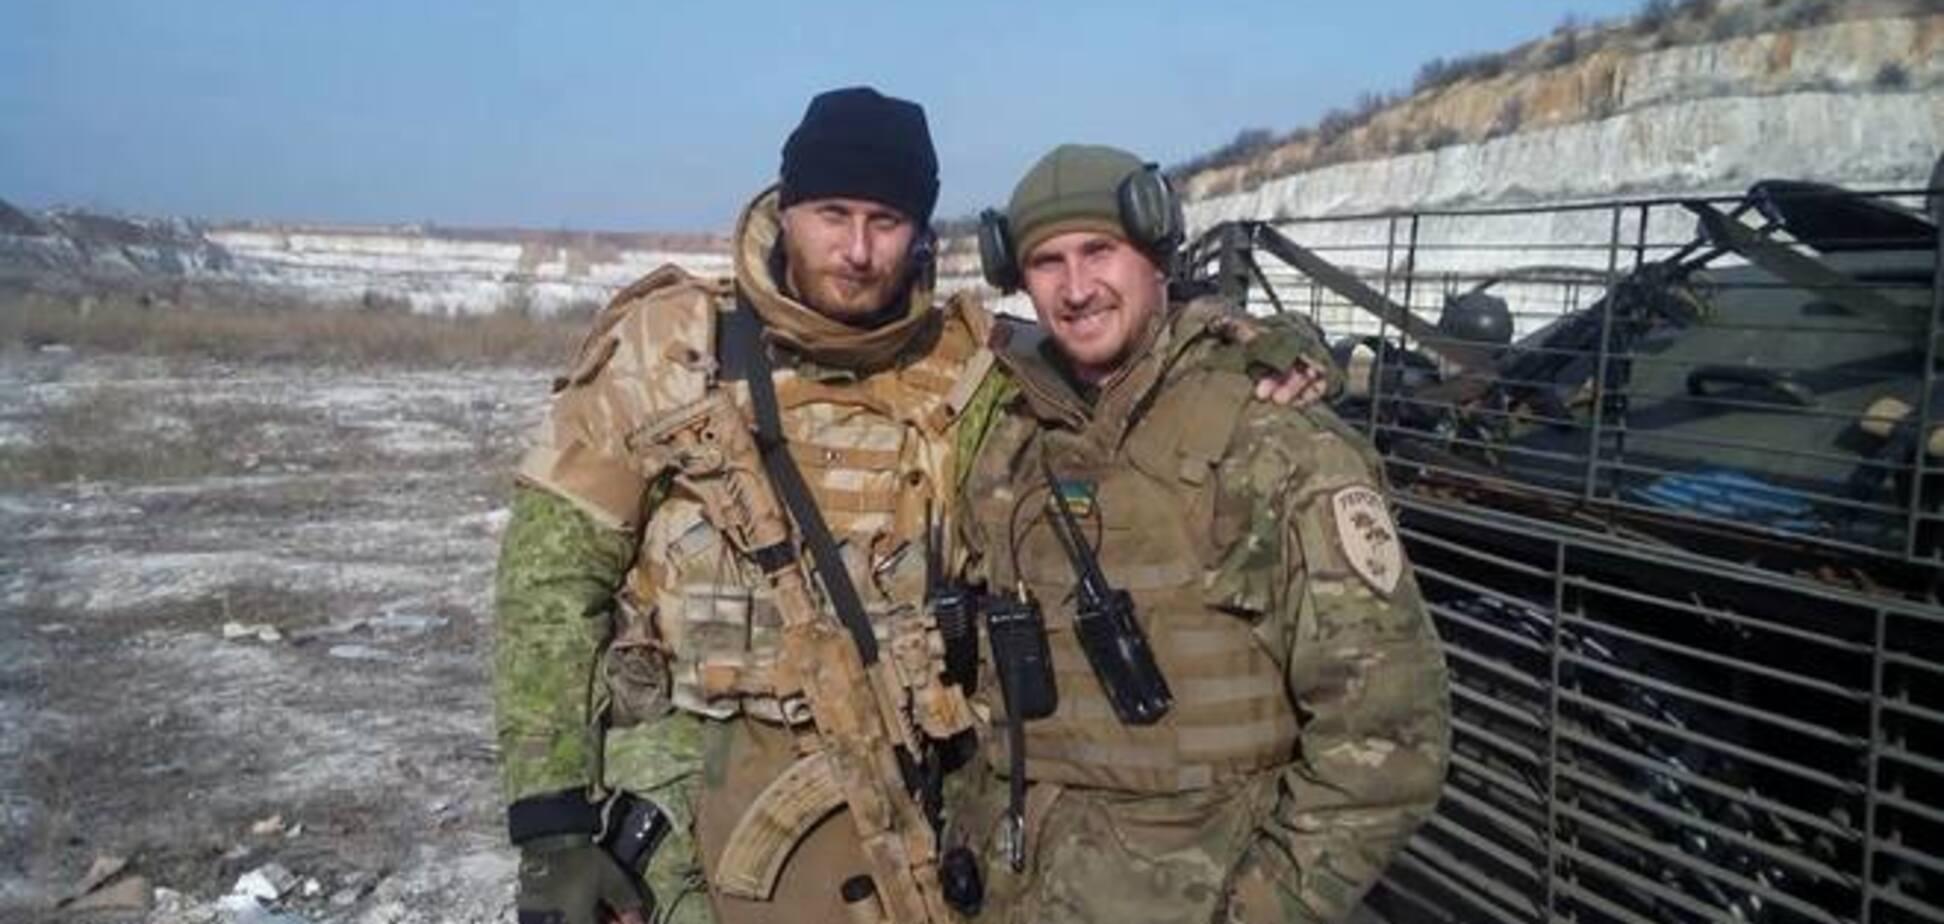 Экс-муж Ириши Блохиной стал 'киборгом' и обещает защищать донецкий аэропорт 'до конца'